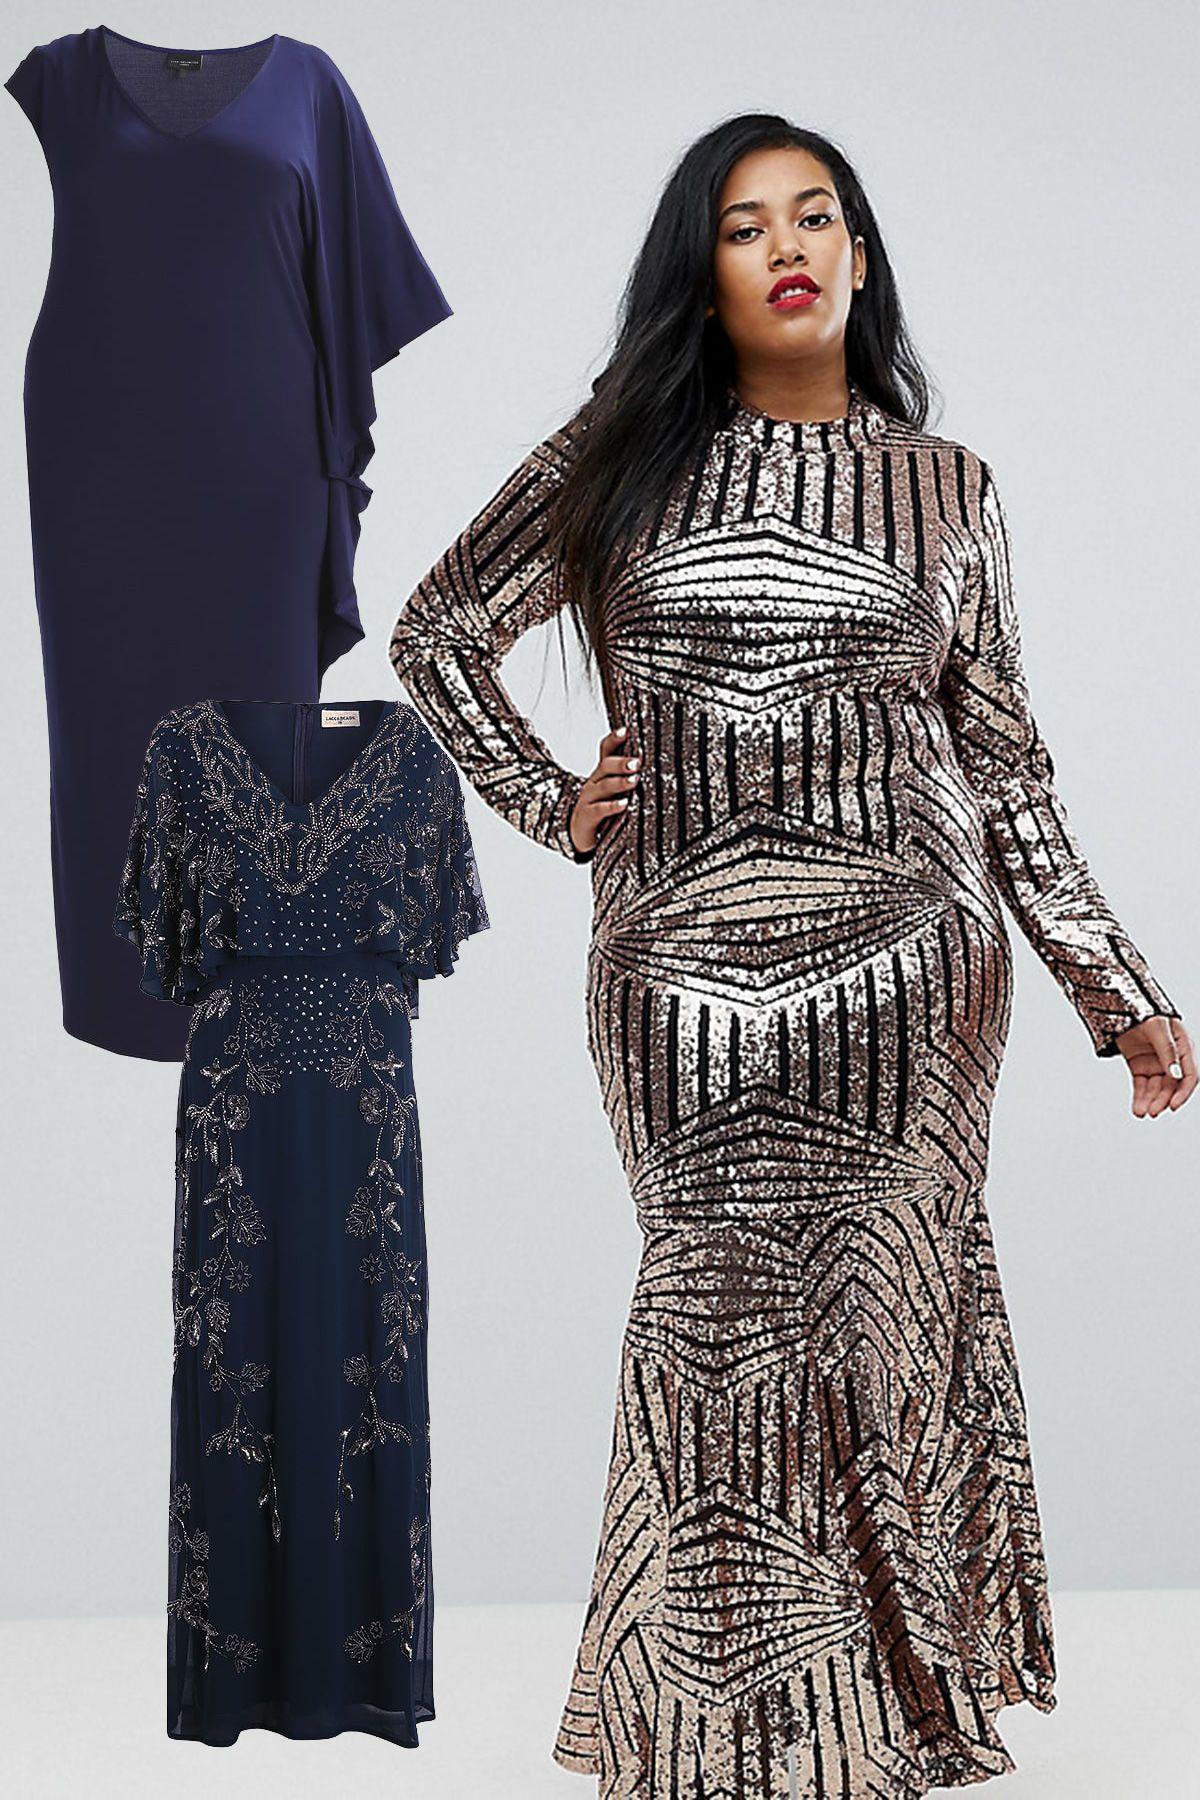 Abendkleider für große Größen: Tolle Partymode   Glamour